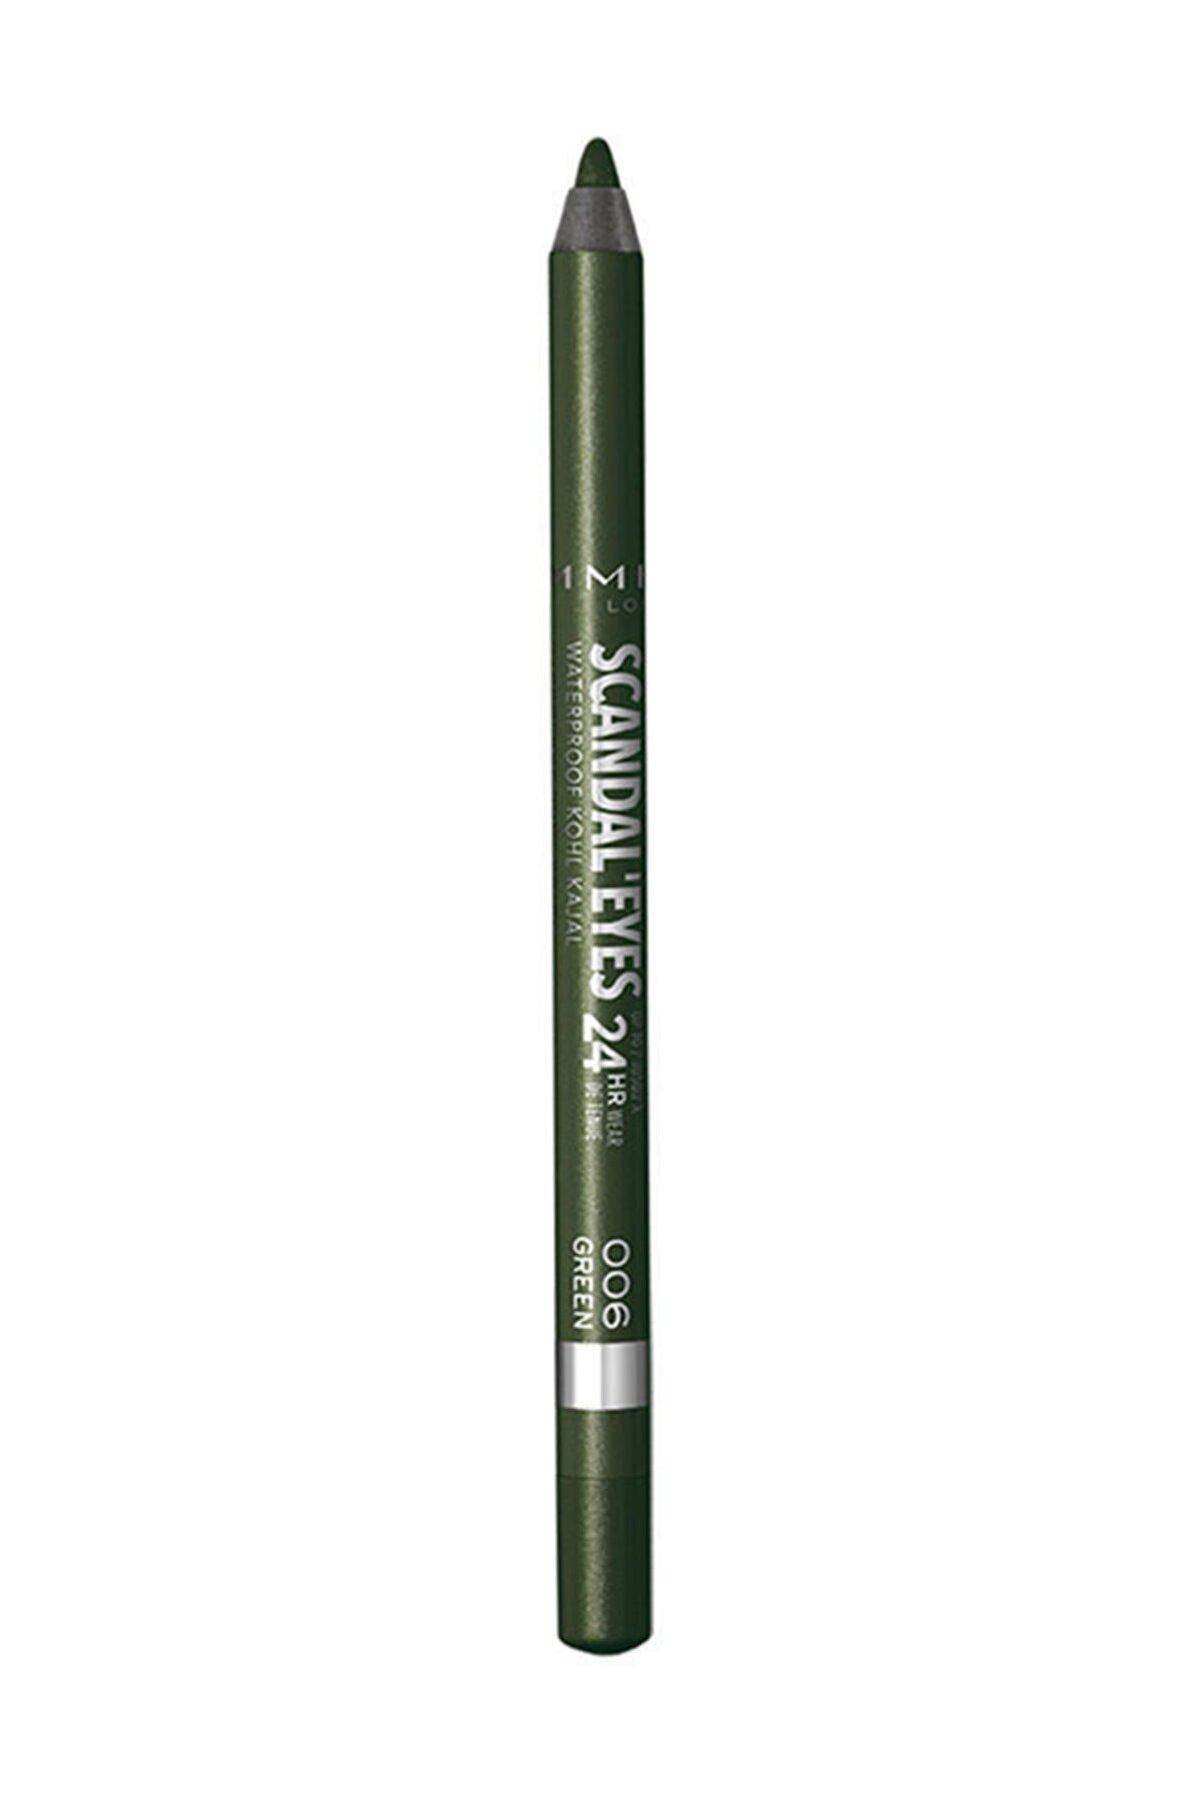 Rimmel London Yeşil Eyeliner - Scandal'Eyes Kohl Kajal Green 3614224079574